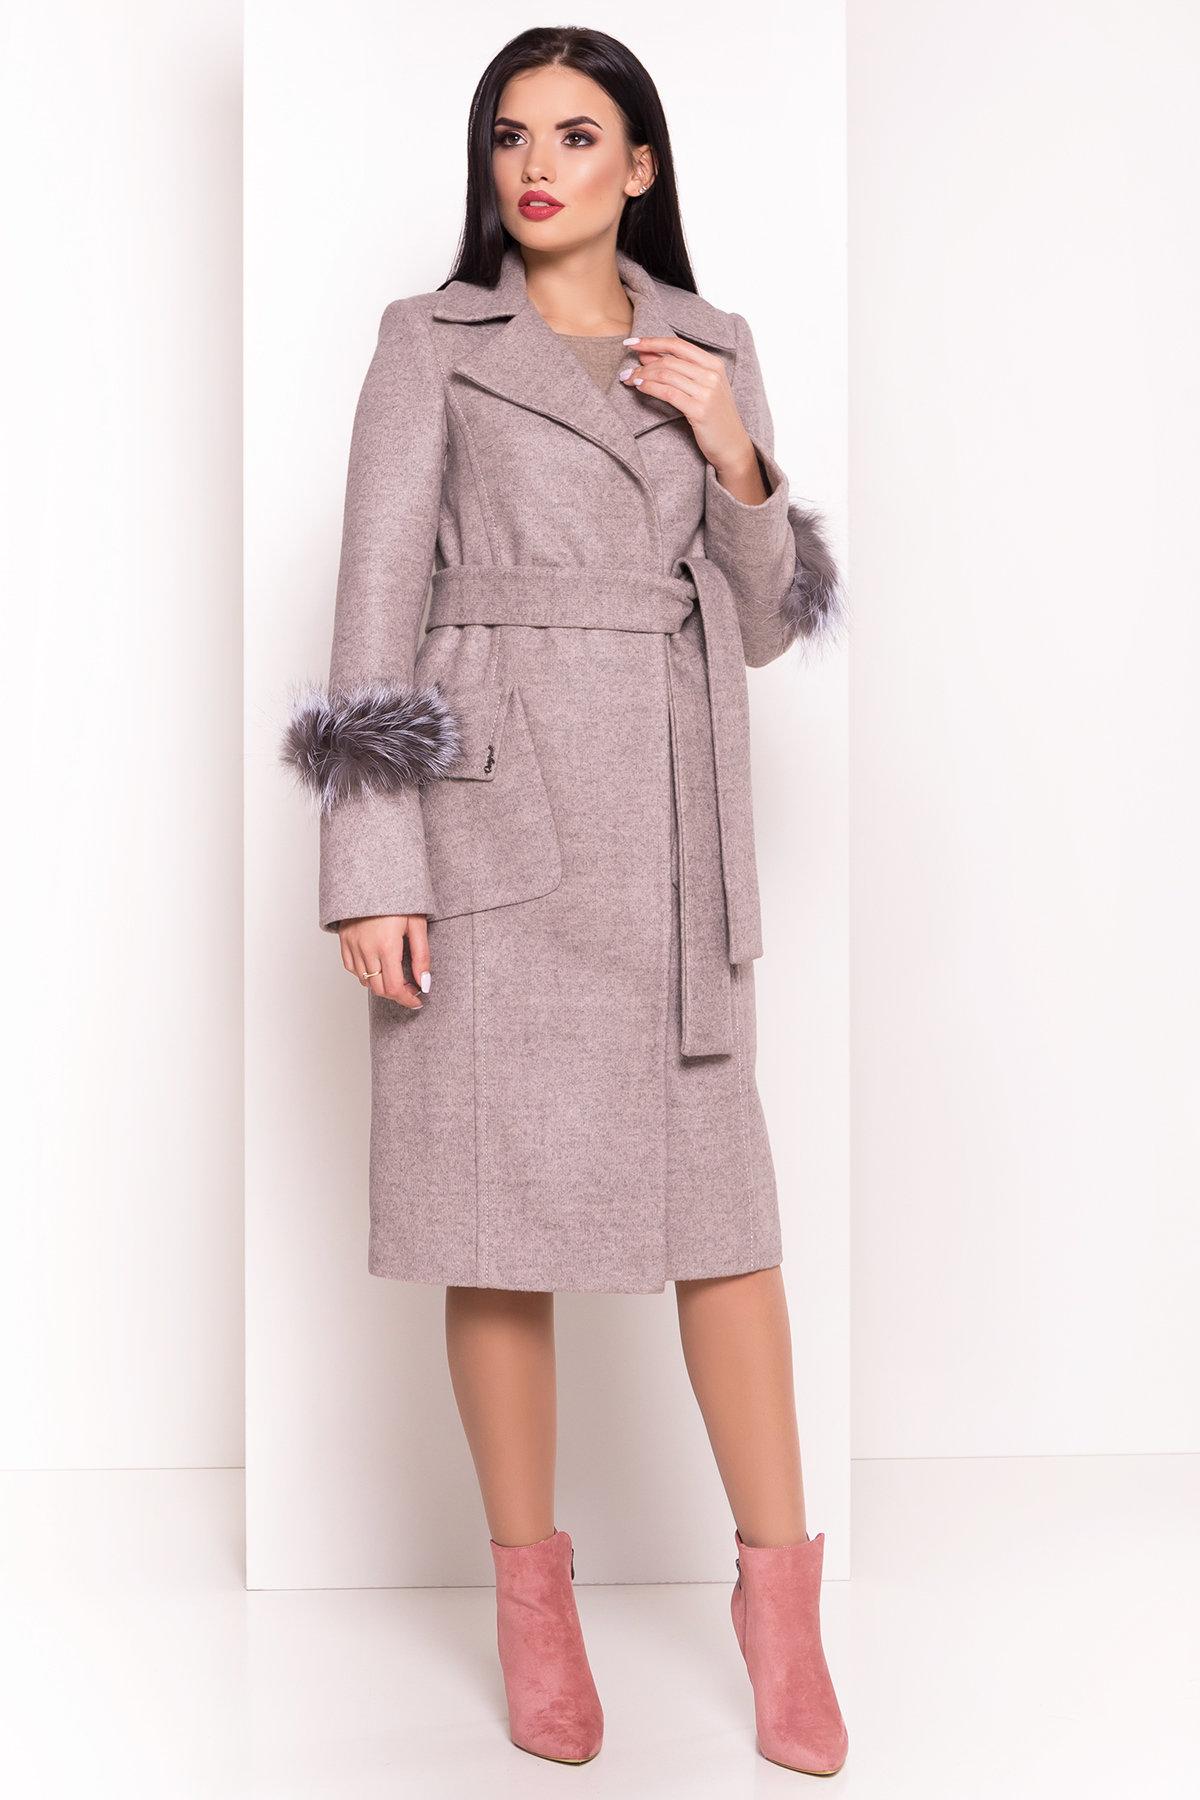 Купить пальто женское демисезонное от Modus Пальто Стейси 5471